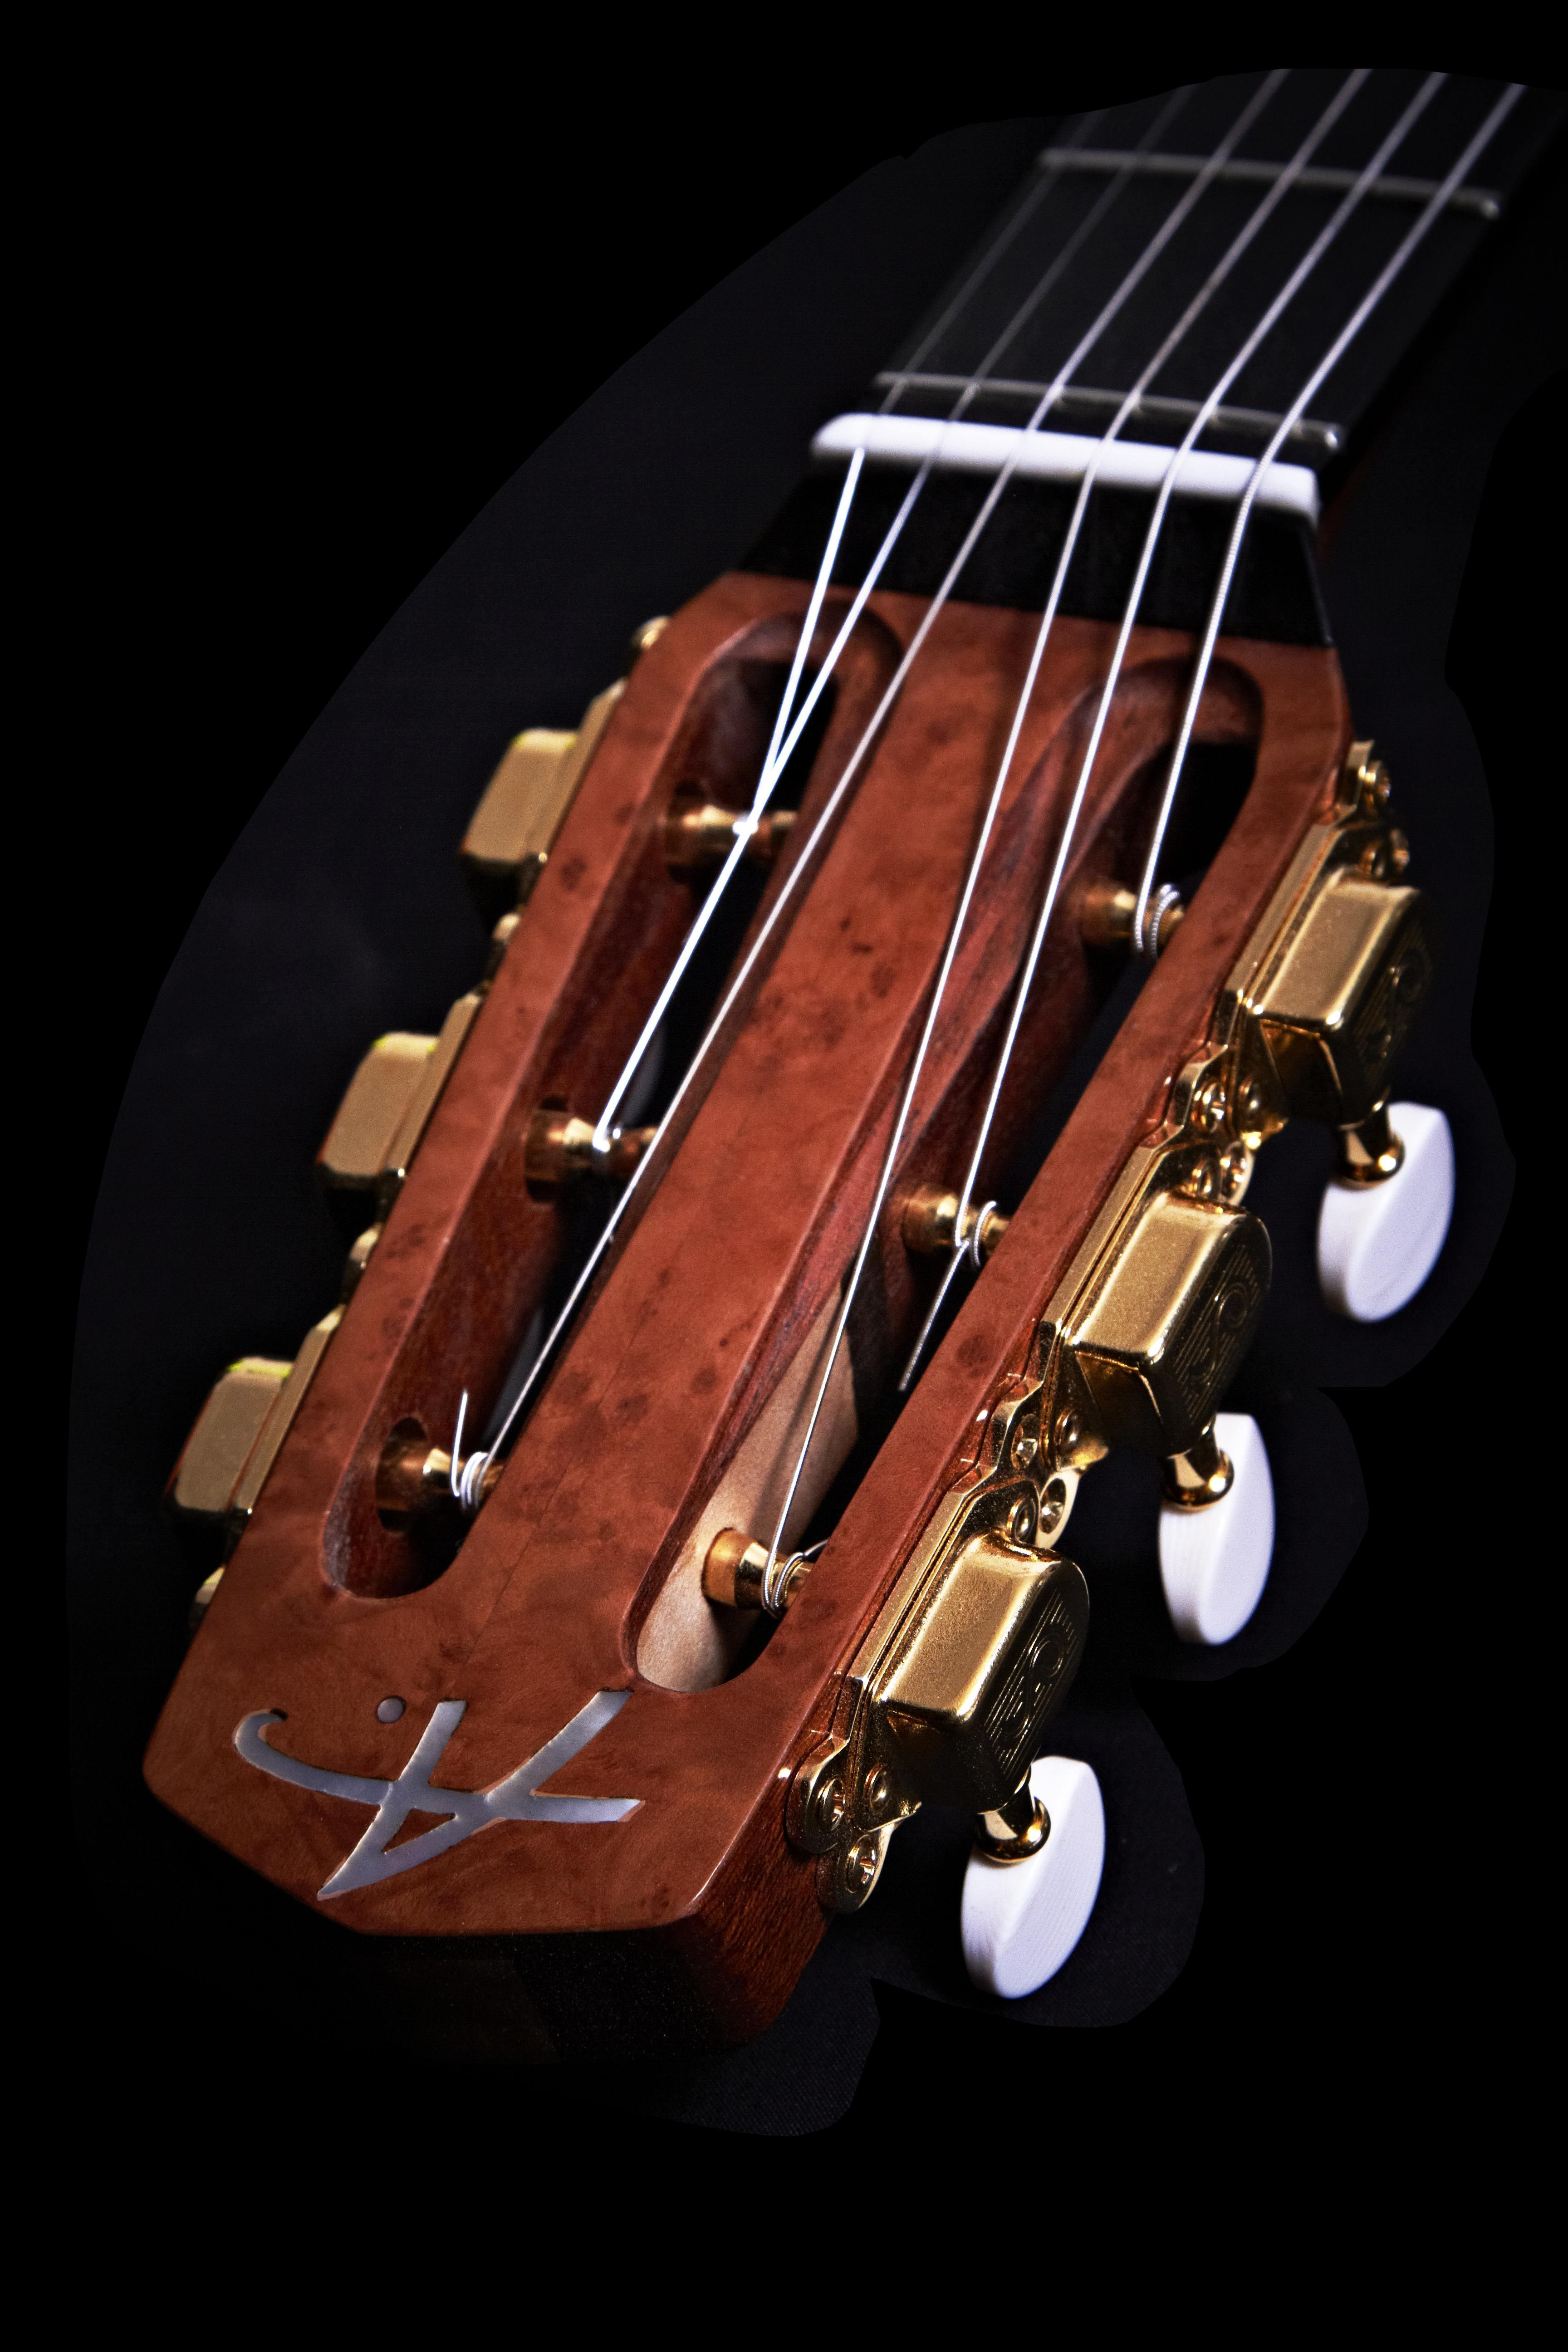 'Humbug' guitar